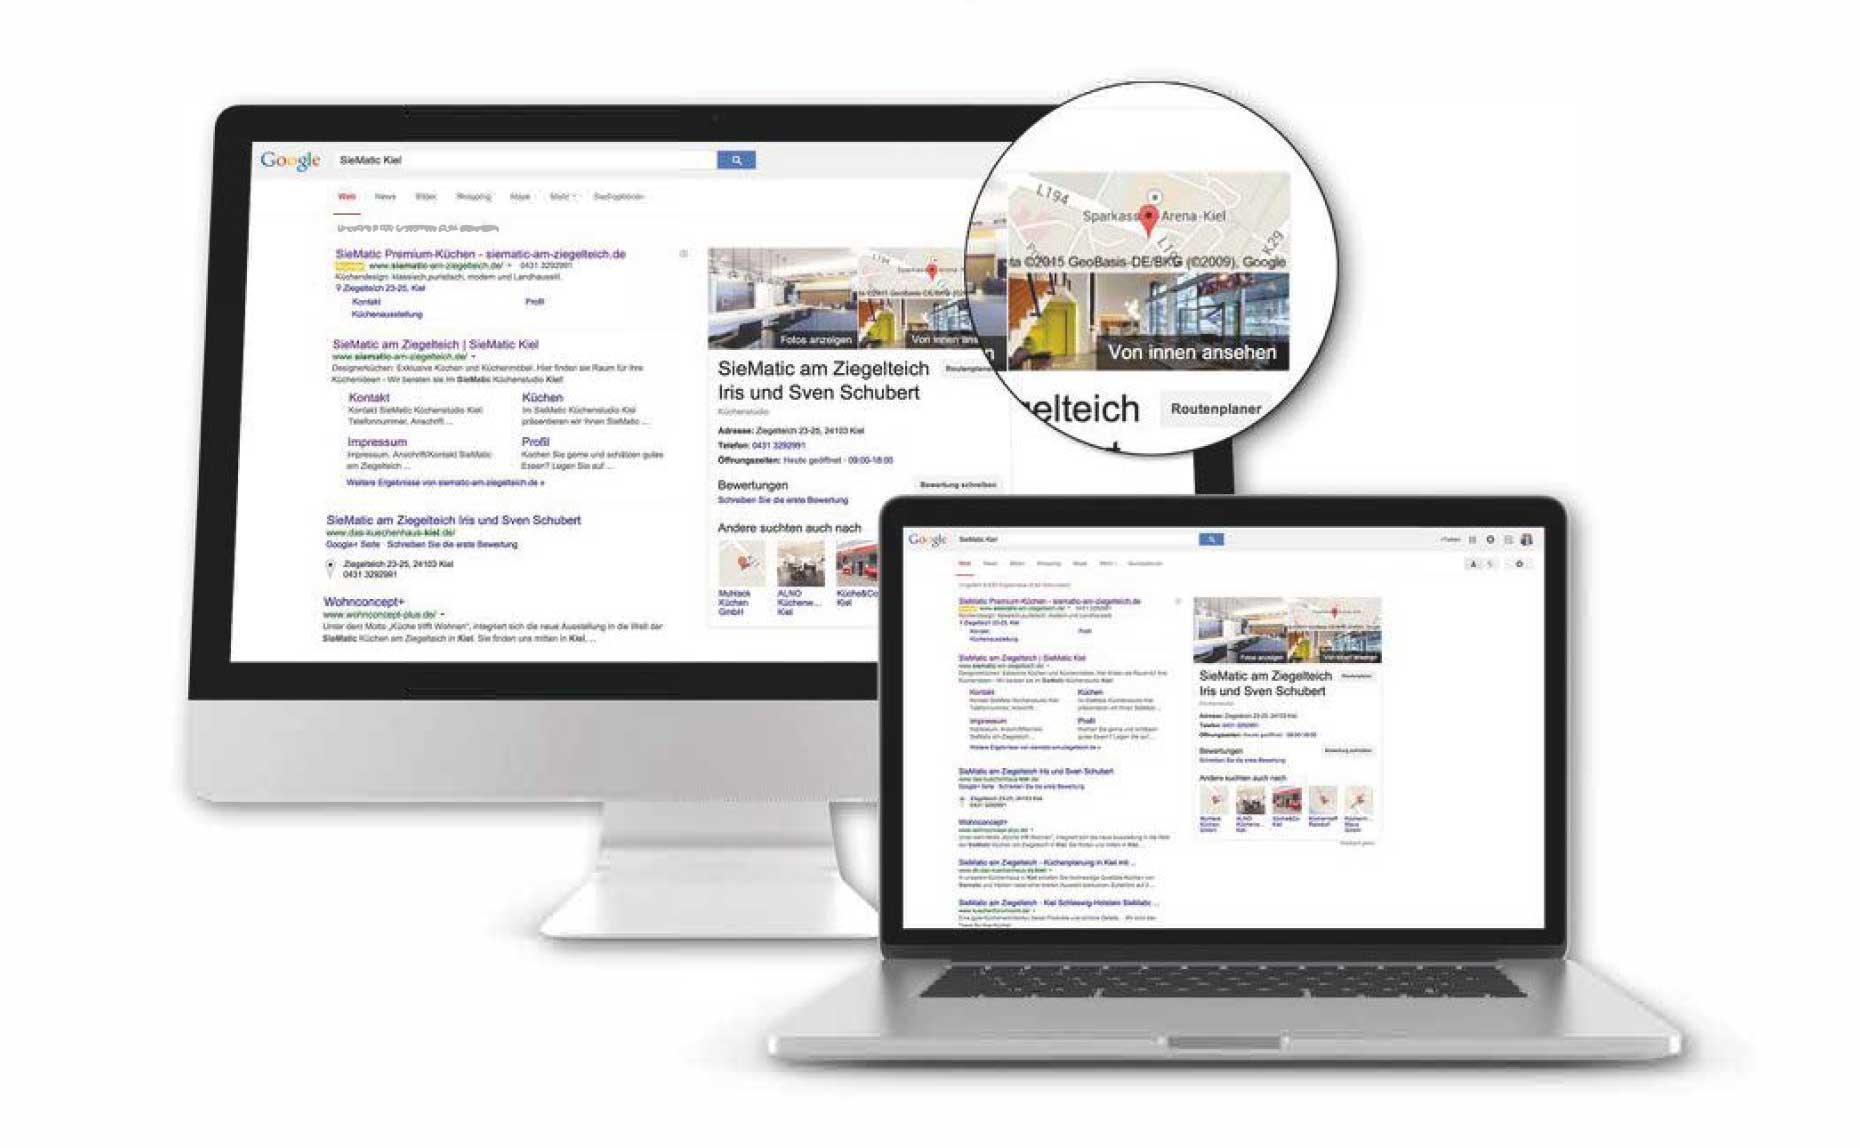 https://www.lean-mitch.de/wp-content/uploads/2021/02/google-street-view-trusted_360-grad-panorama-tour-lean-mitch-bad-wildungen-werbung-marketing.jpg